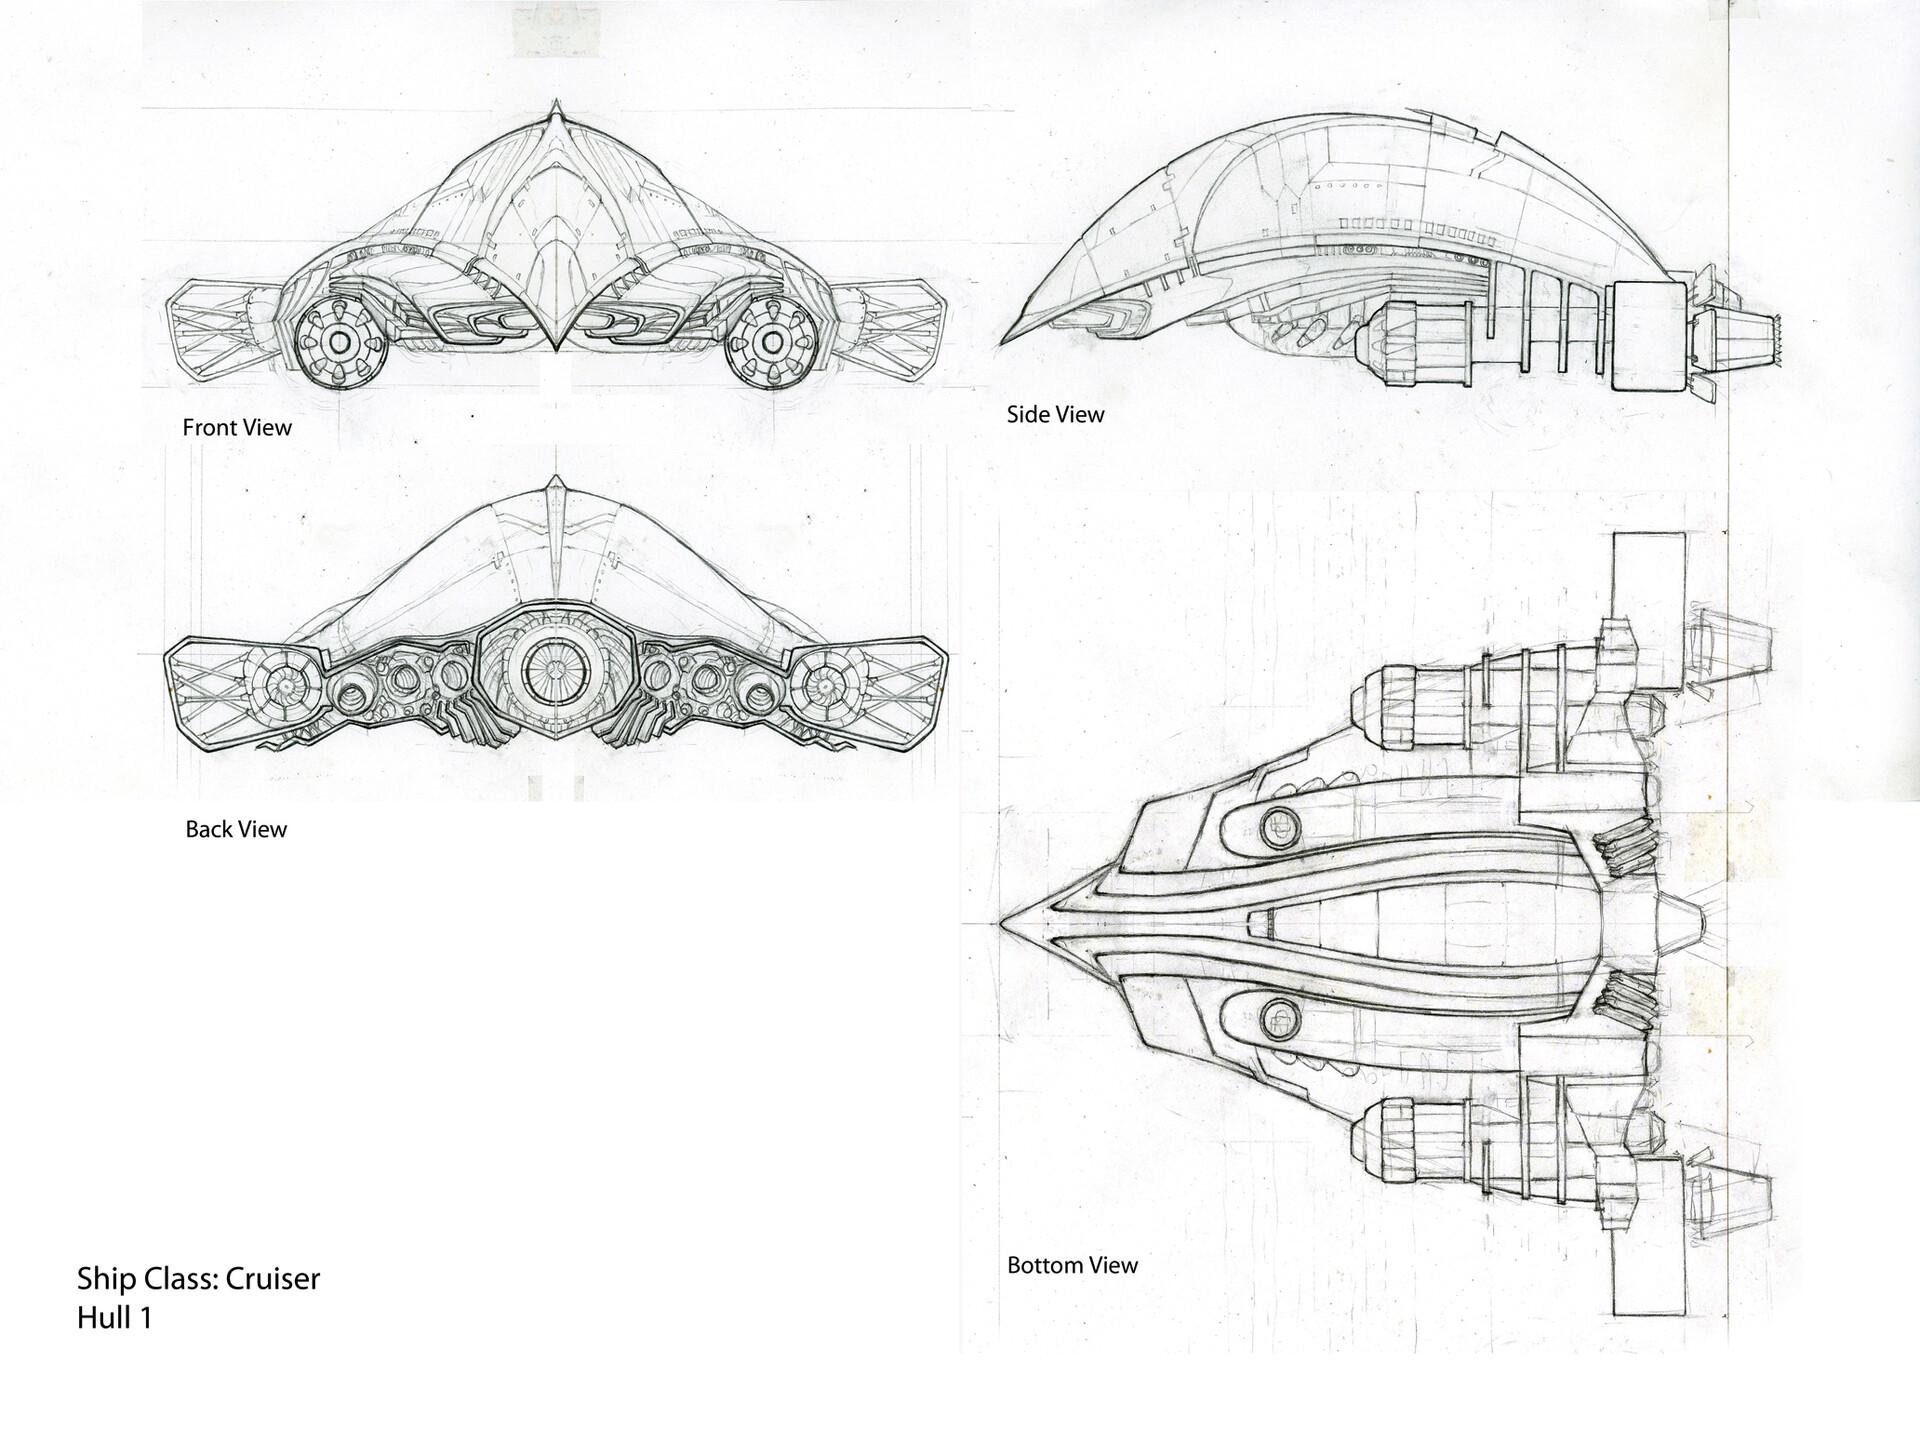 Sherif habashi 25 species1 cruiser hull1 ortho lores